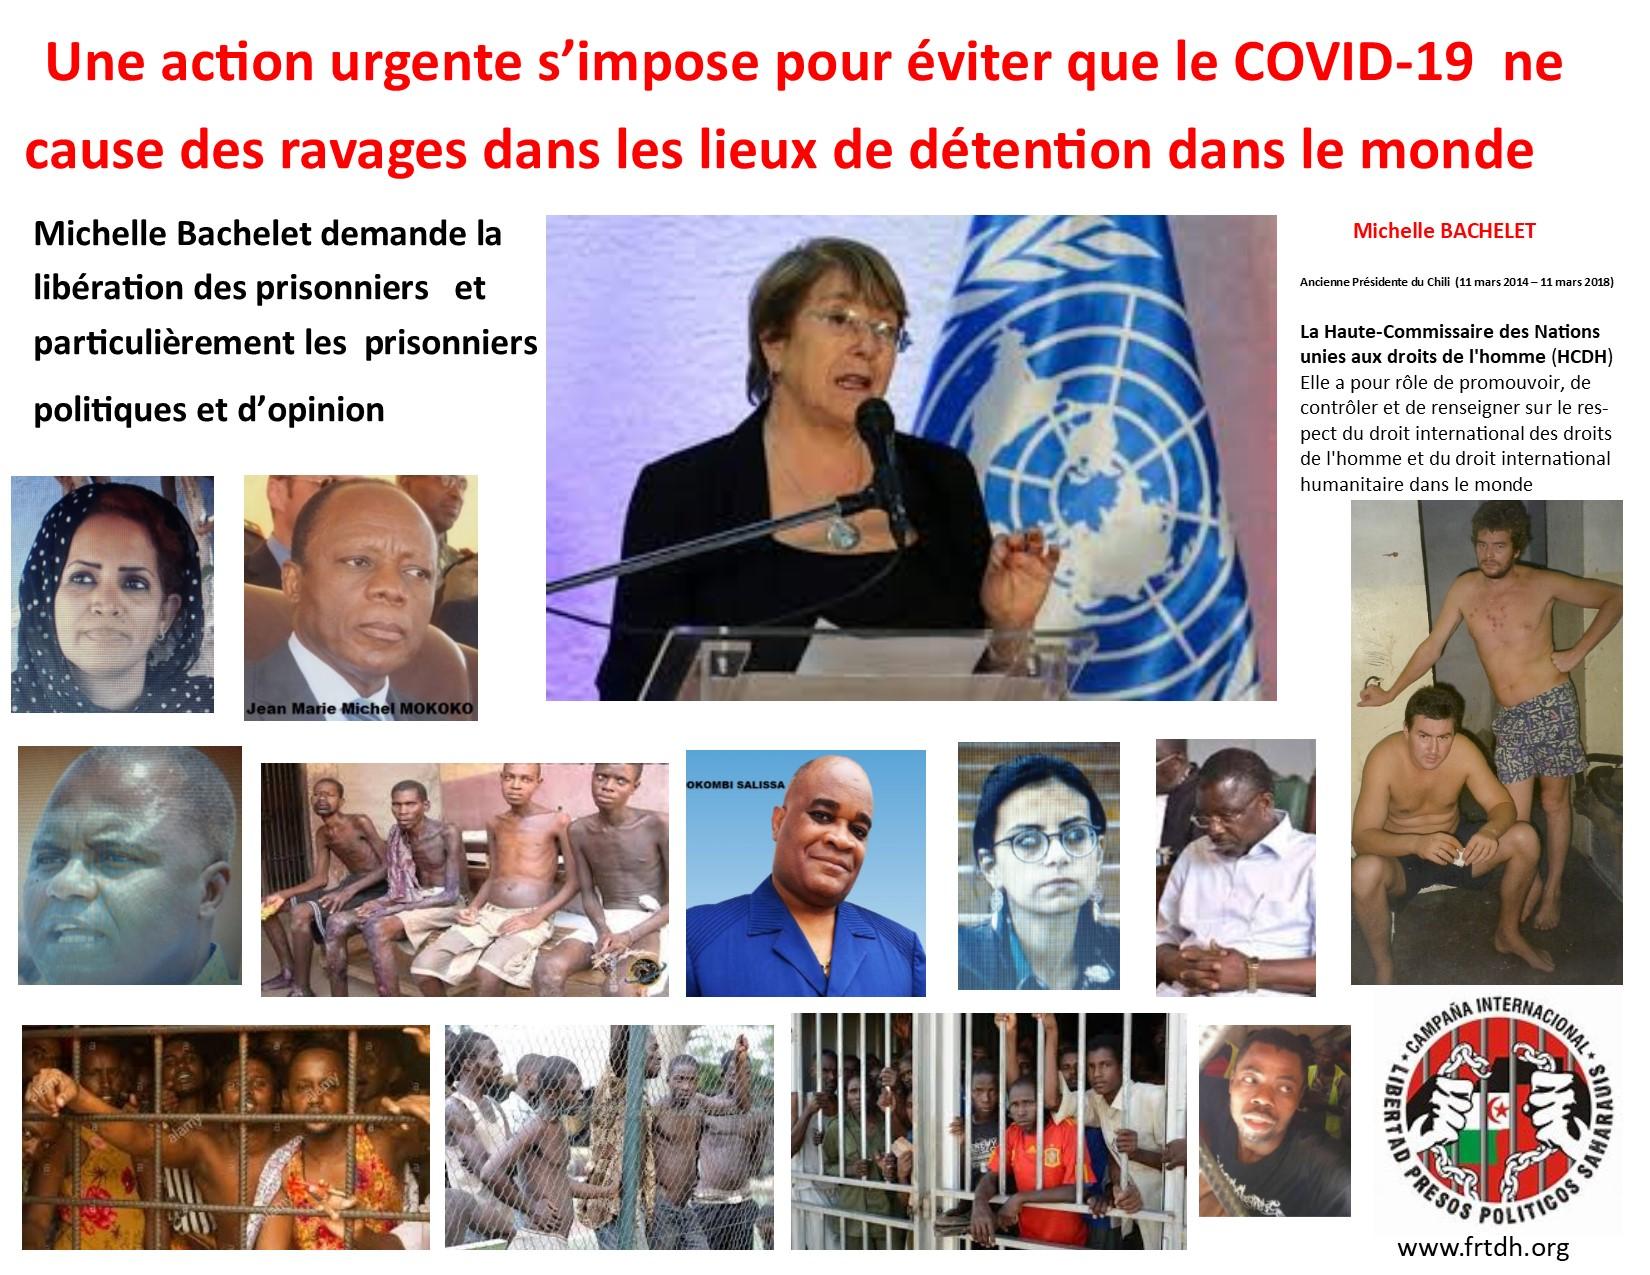 Michelle Bachelet exhorte les Etats à libérer les prisonniers (Nouvelles des ONG, INDH, organisations régionales et onusiennes)